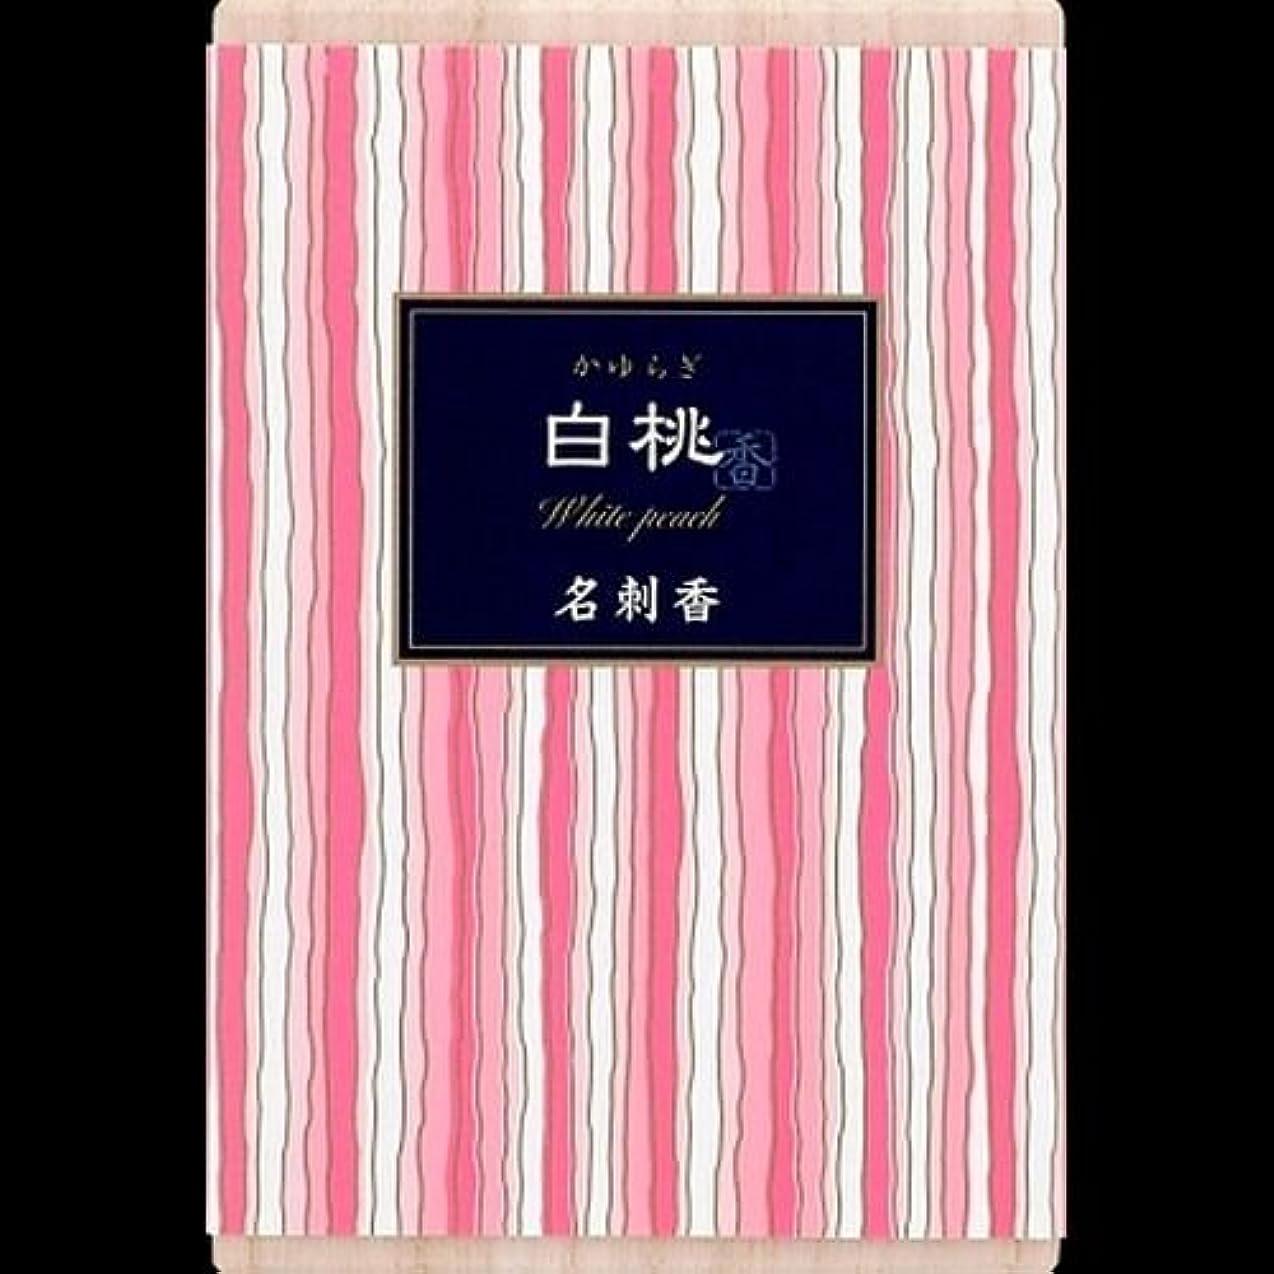 シェーバー下る宙返り【まとめ買い】かゆらぎ 白桃 名刺香 桐箱 6入 ×2セット